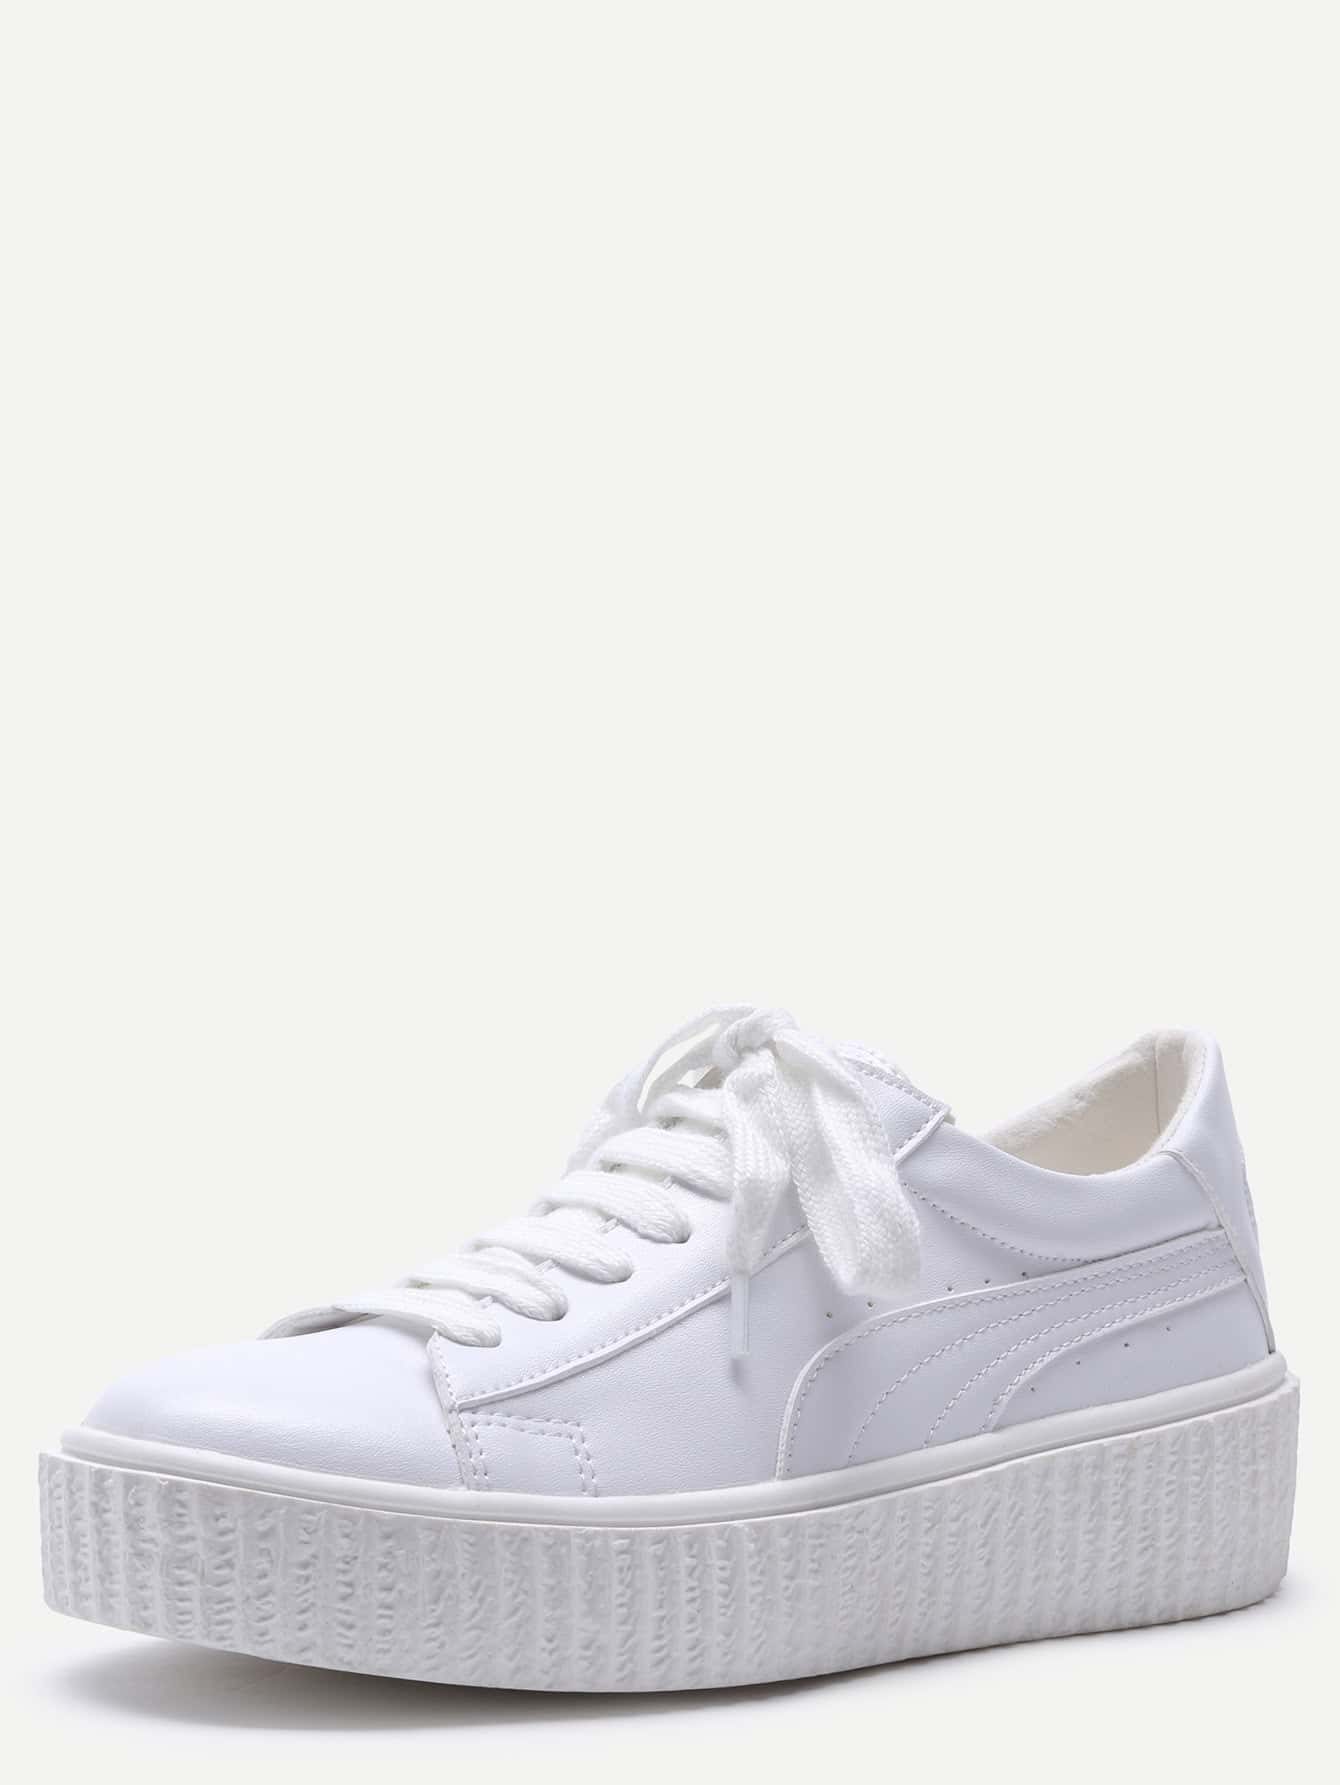 shoes161116808_2